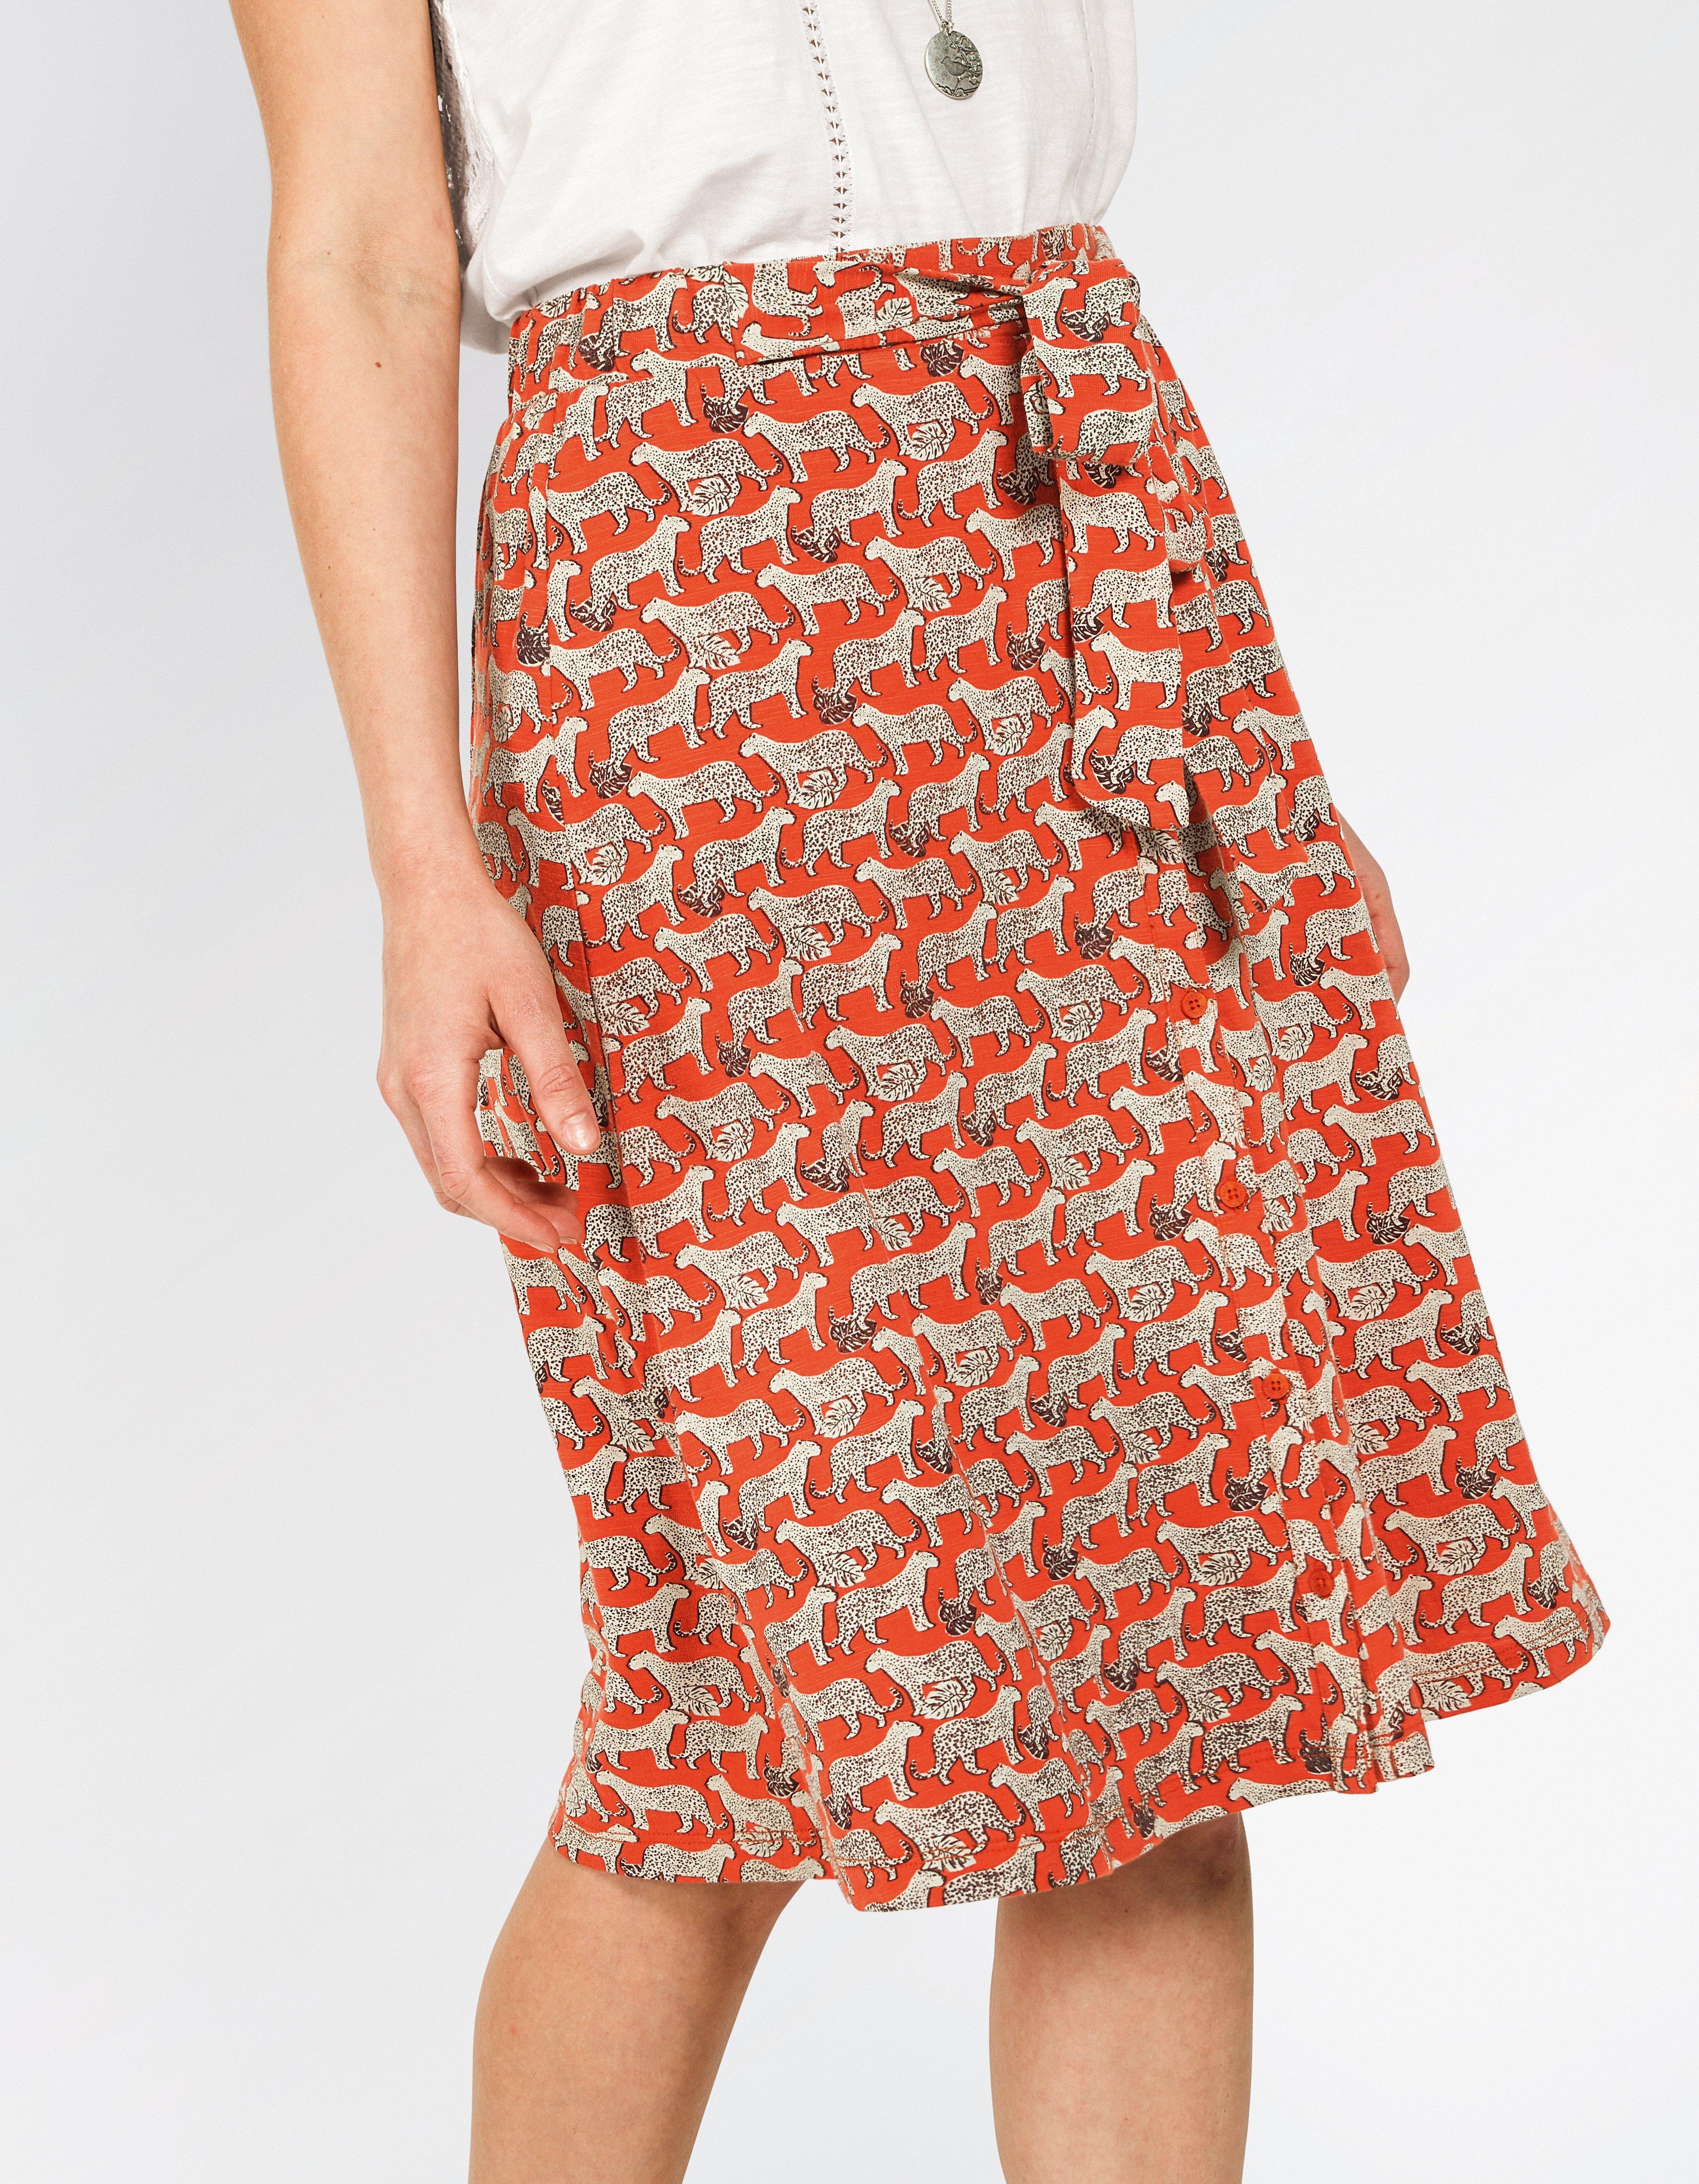 84151ce4e5 Mina Jungle Cat Skirt   My Fat Face   Skirts, Dress skirt, Fat face